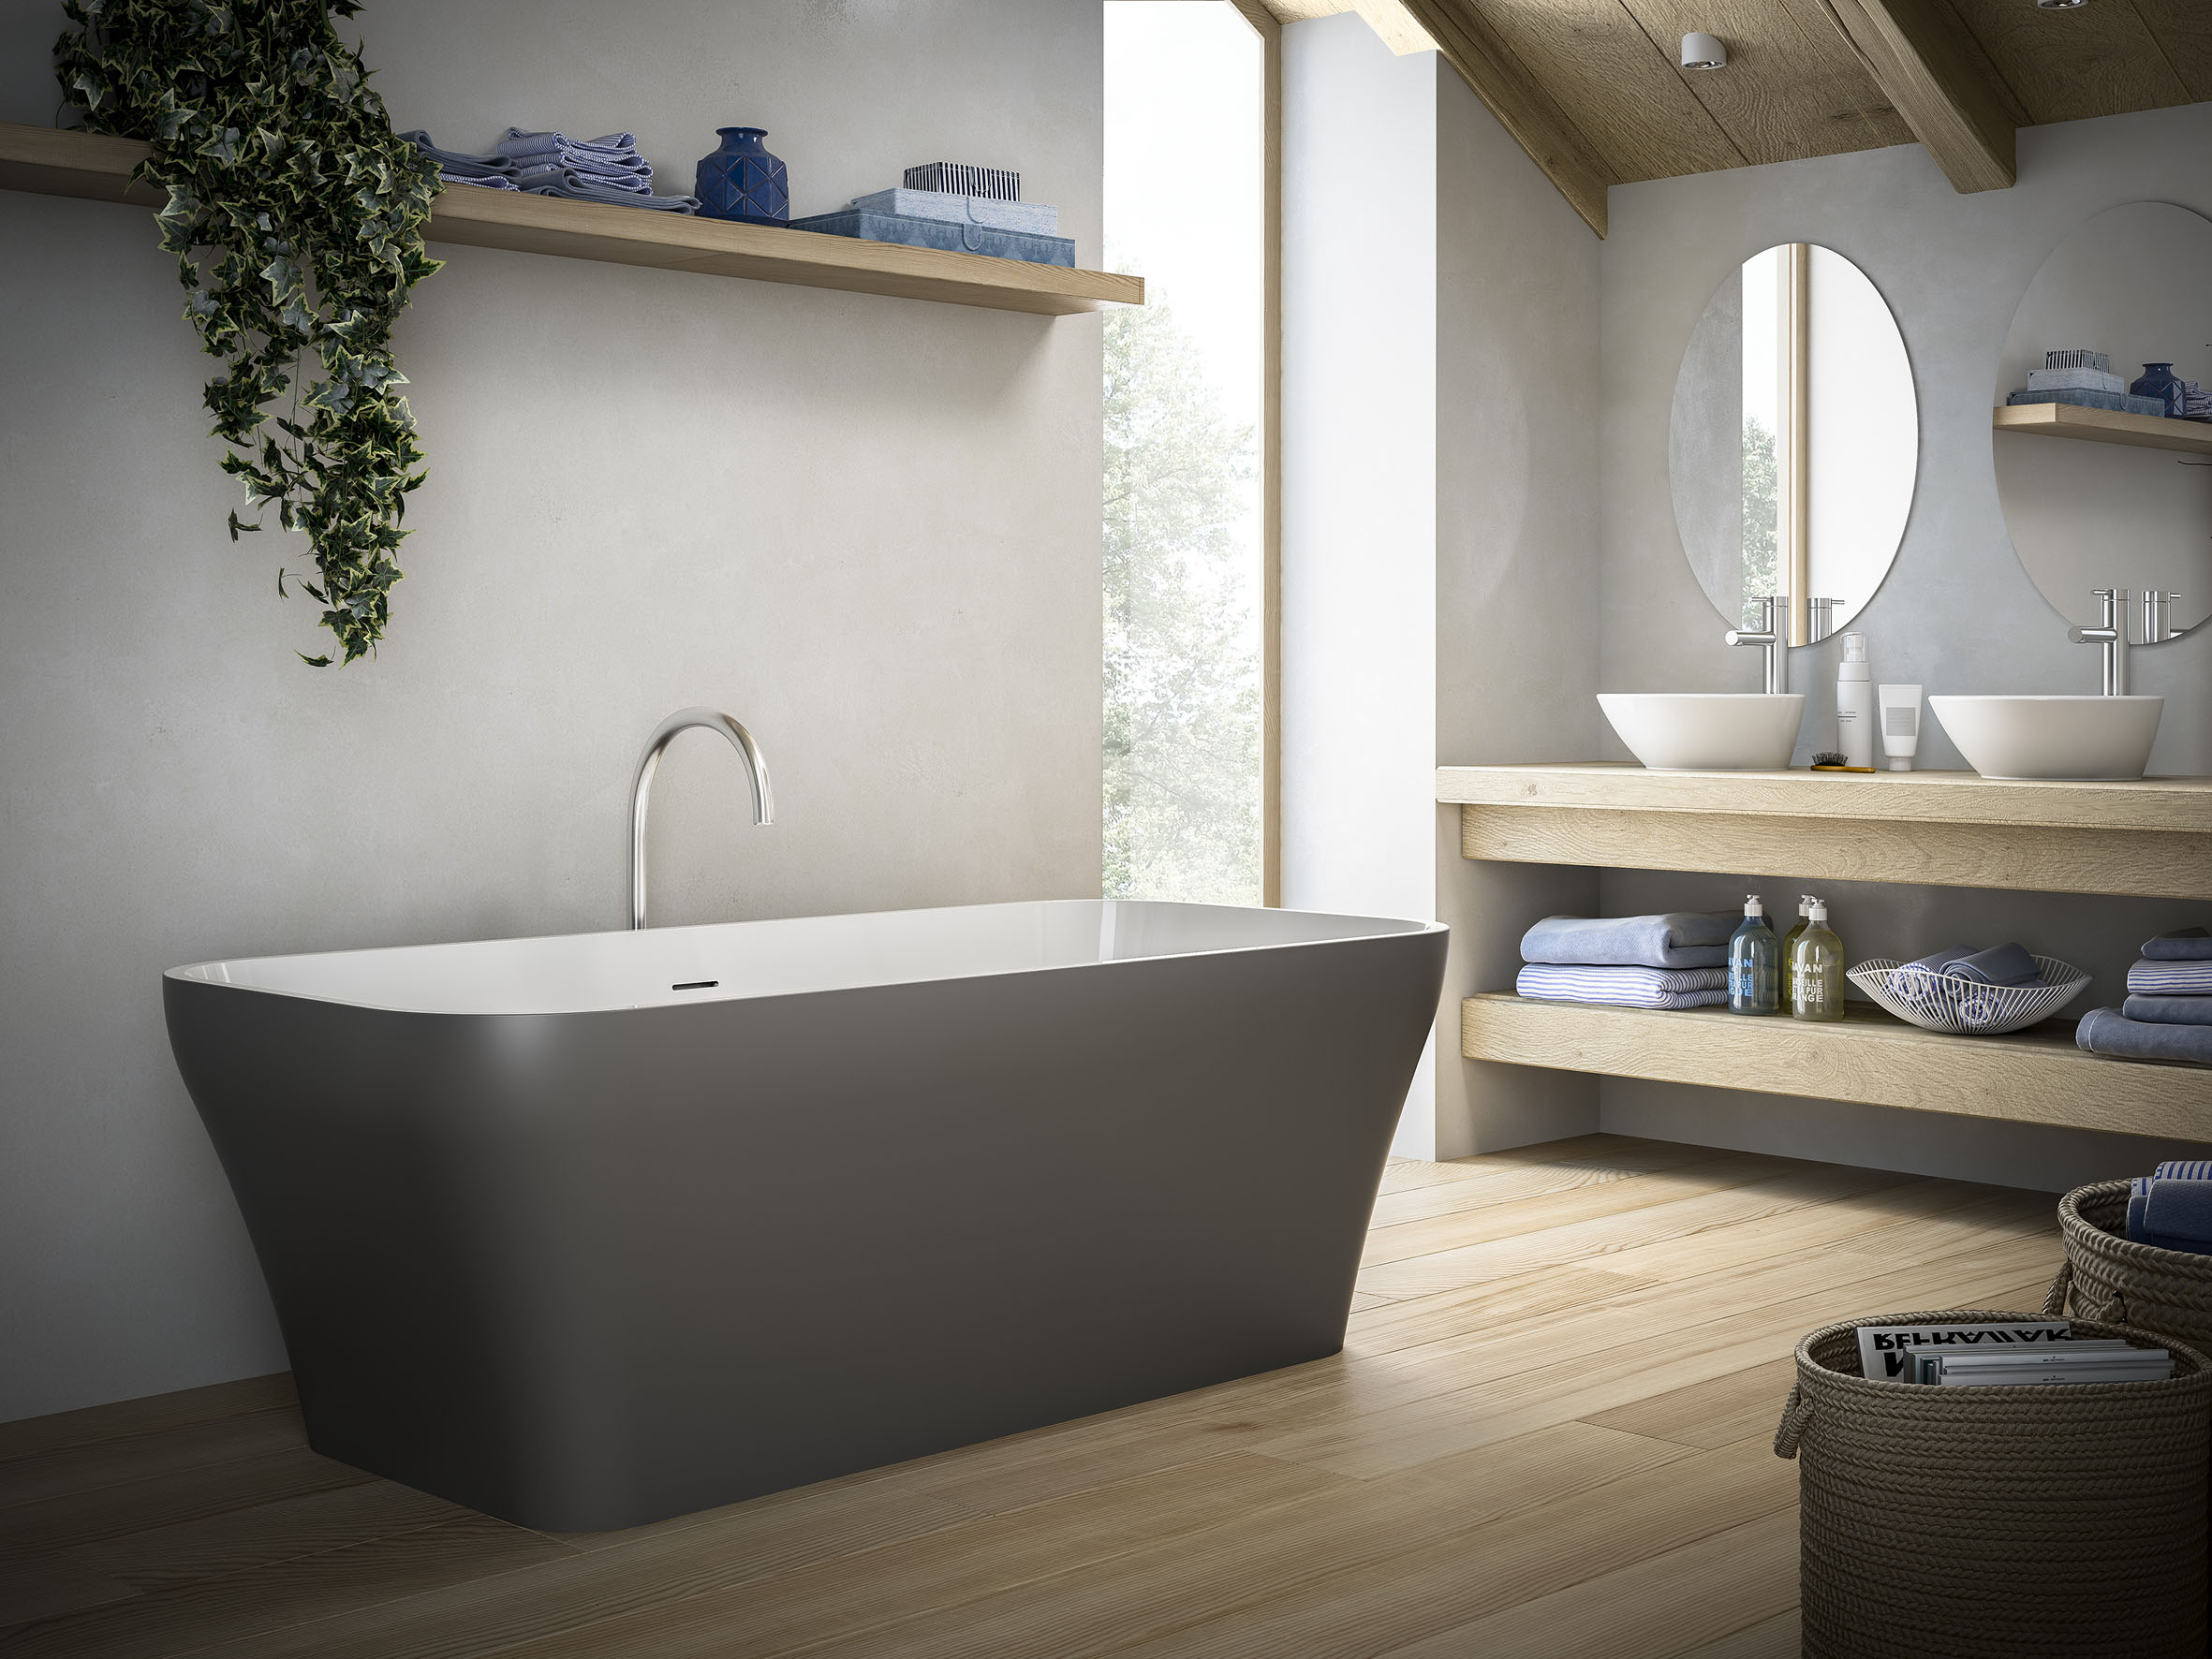 Vasca Da Bagno Freestanding Offerta : Le nuove vasche di glass bagno italiano